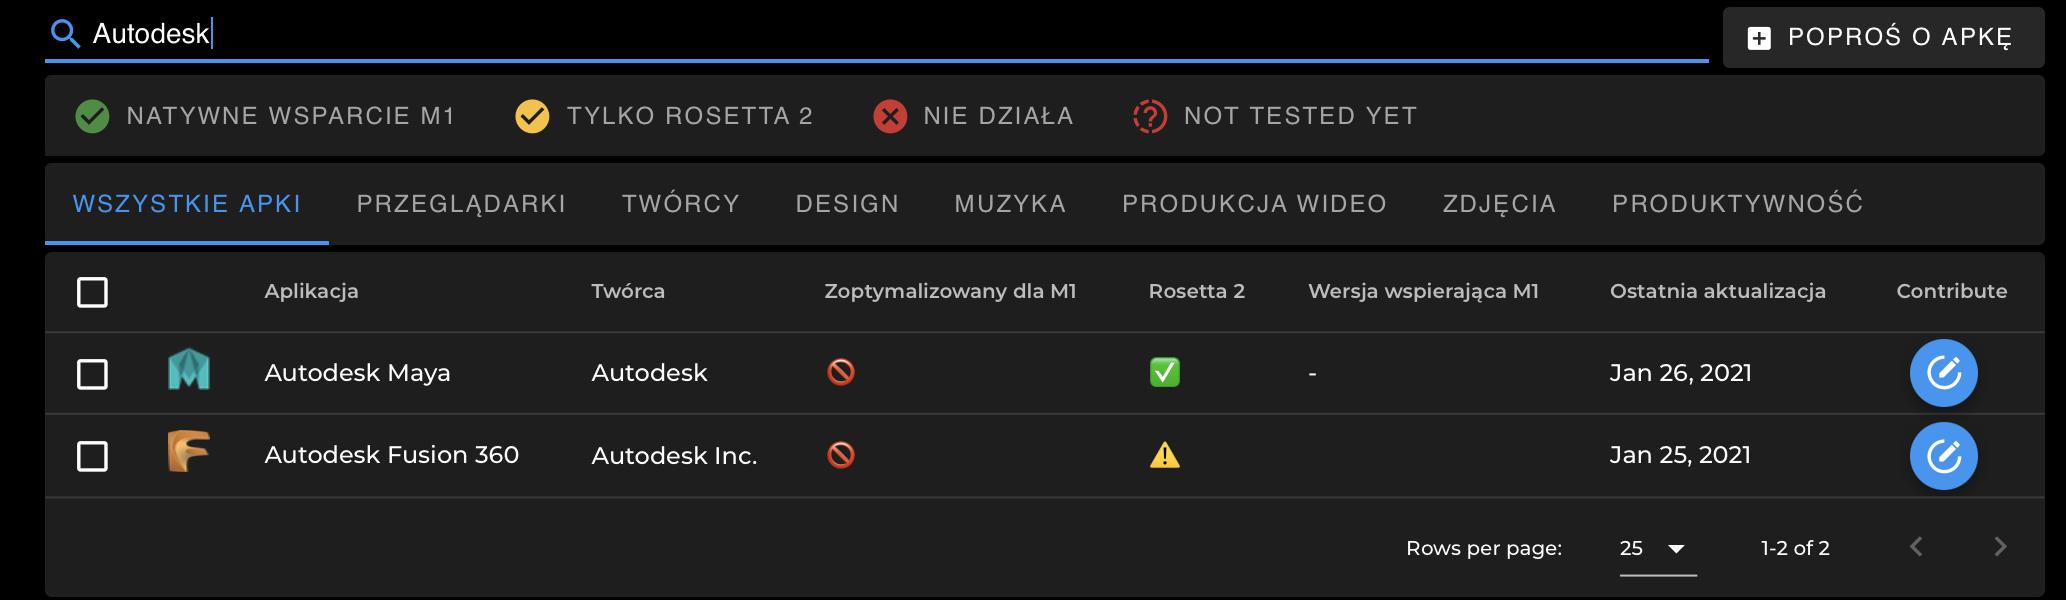 ednak użytkownicy produktów Autodesk nie powinni się spieszyć, bo Maya, która została pokazana na WWDC 2020, nadal nie działa na M1 natywnie, tylko poprzez emulator.